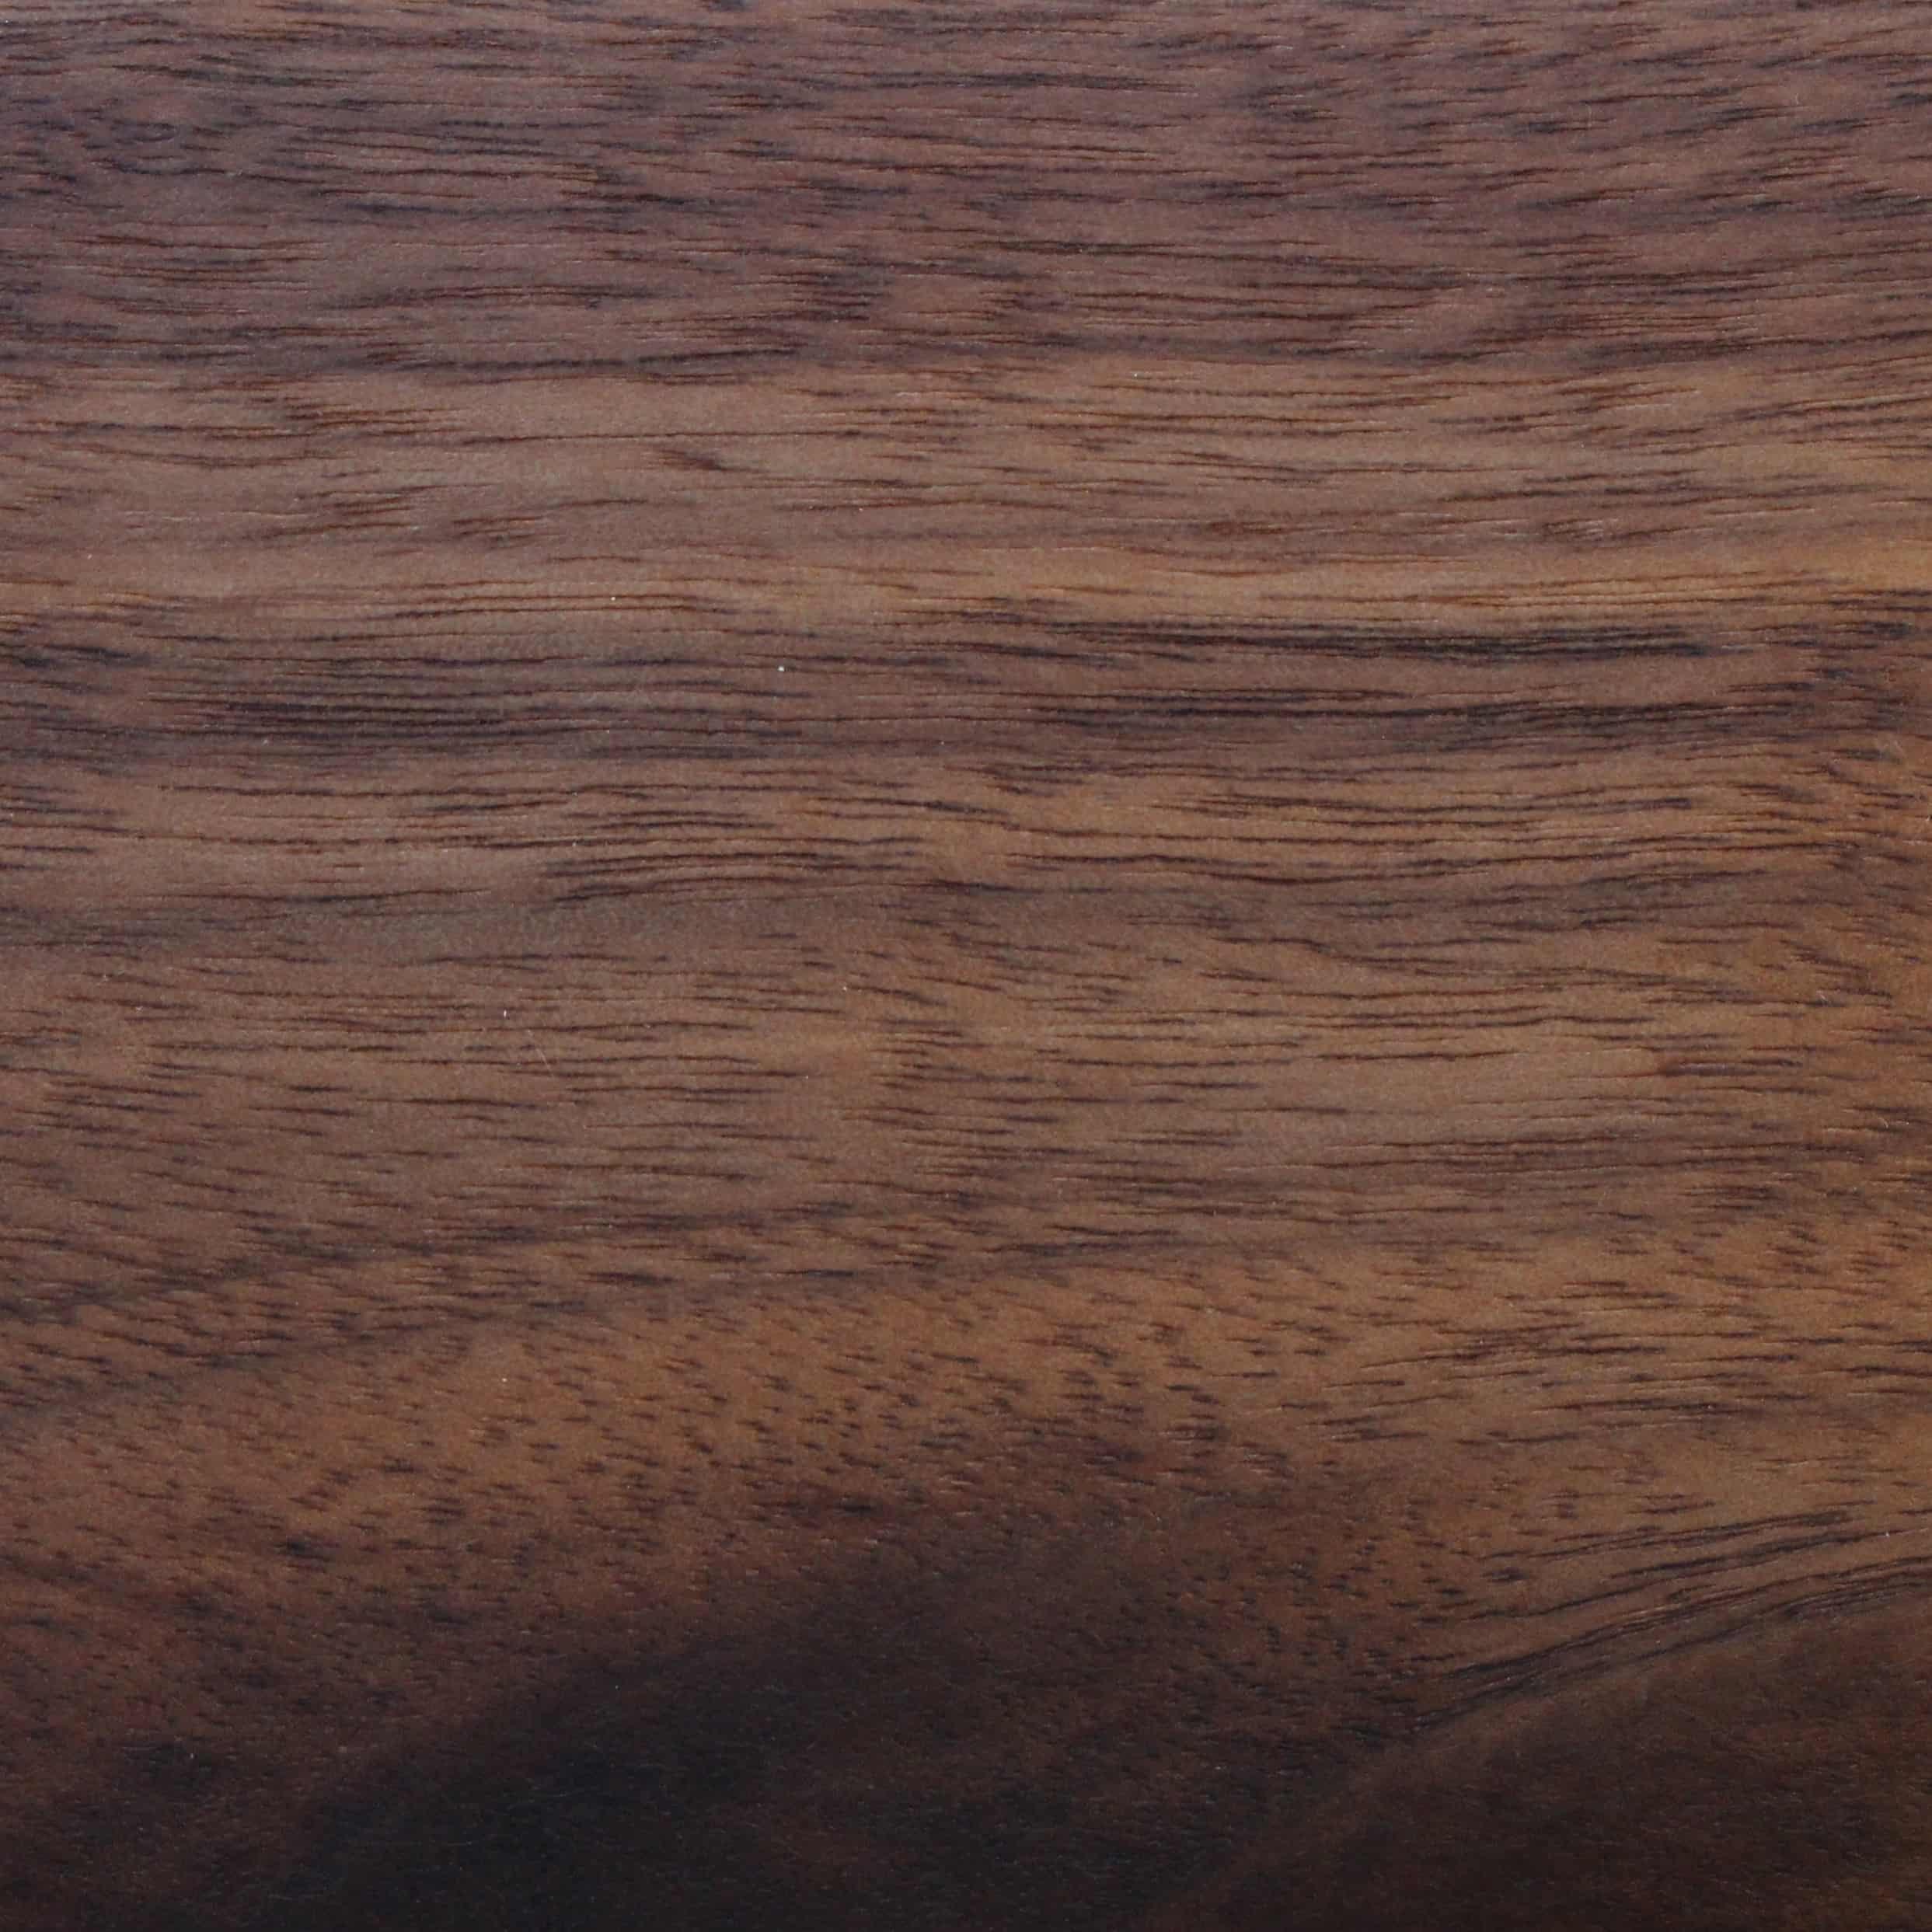 Natural walnut.jpg?ixlib=rails 2.1